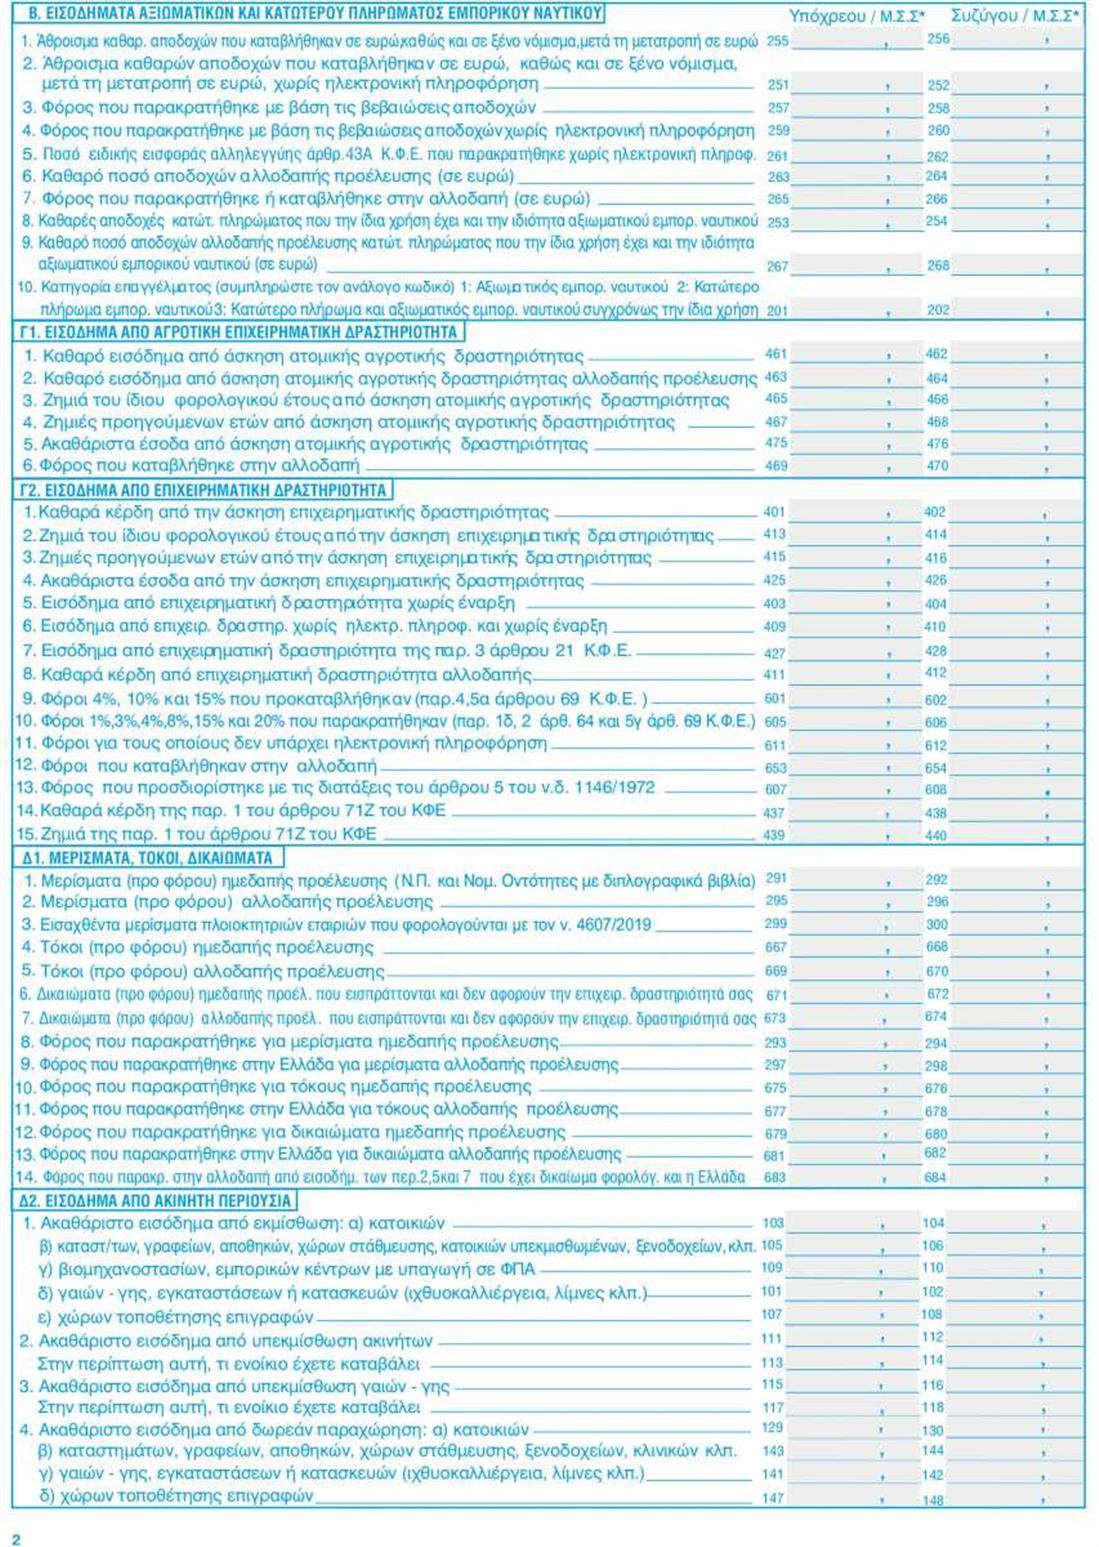 Φορολογικές δηλώσεις 2021 - Ε1 - σελ2